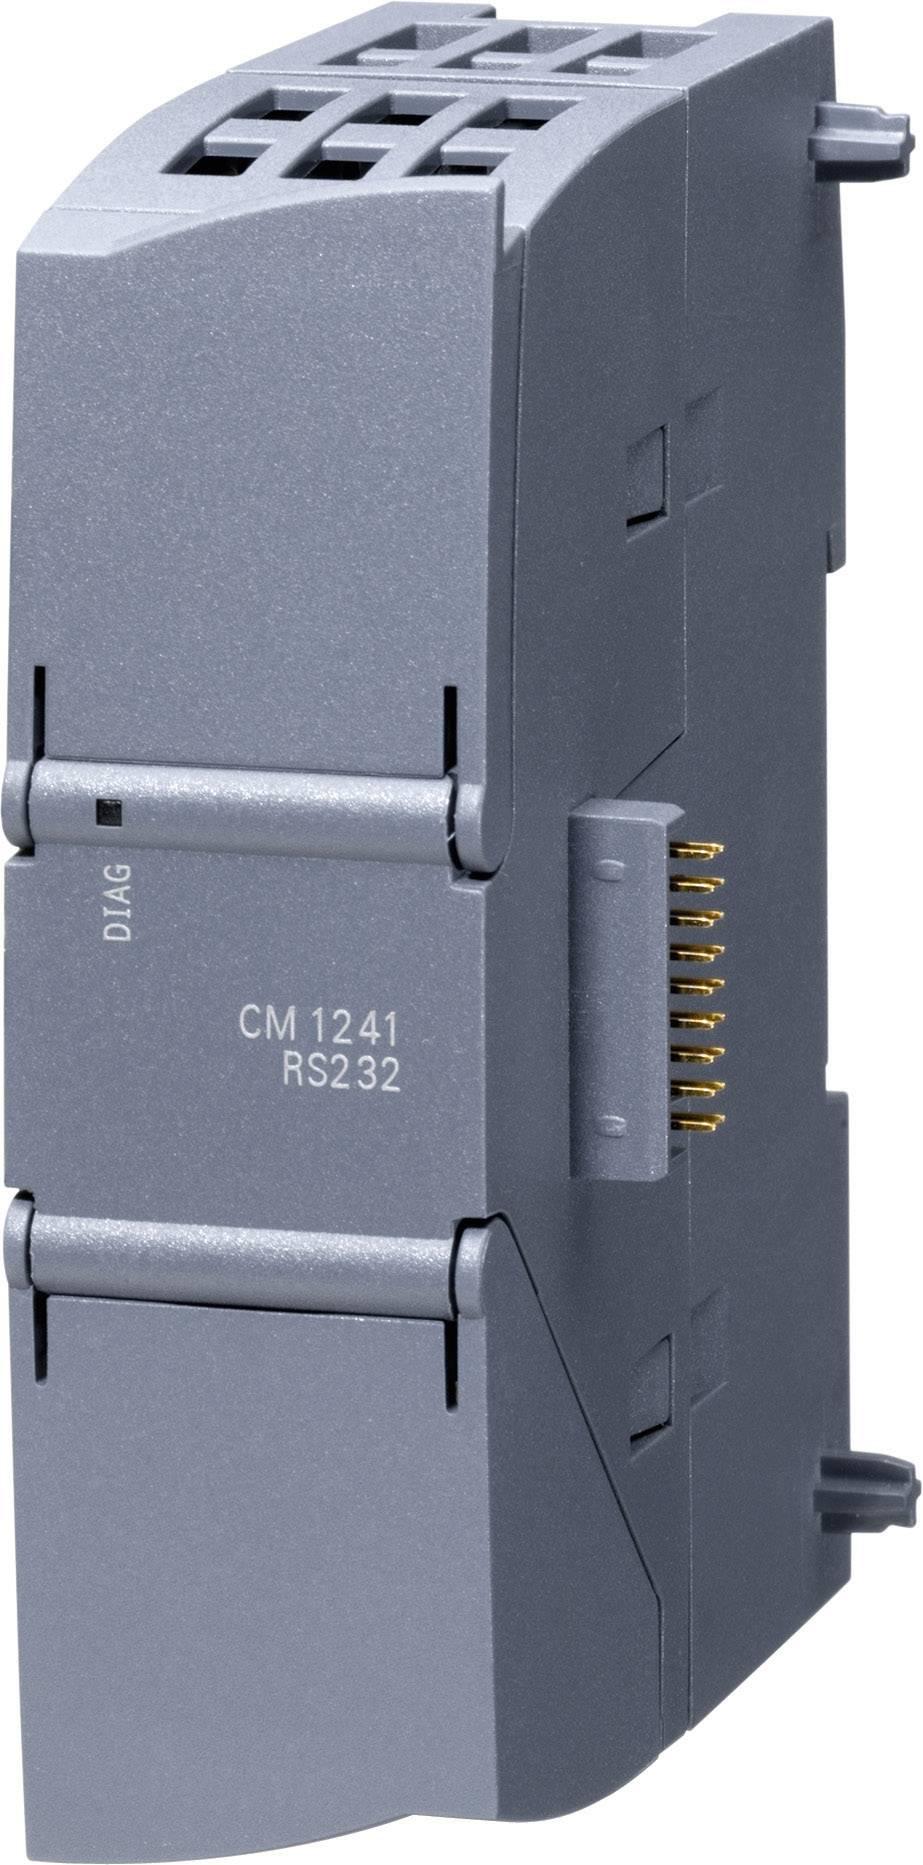 PLC rozširujúci modul Siemens CM 1241 6ES7241-1AH32-0XB0